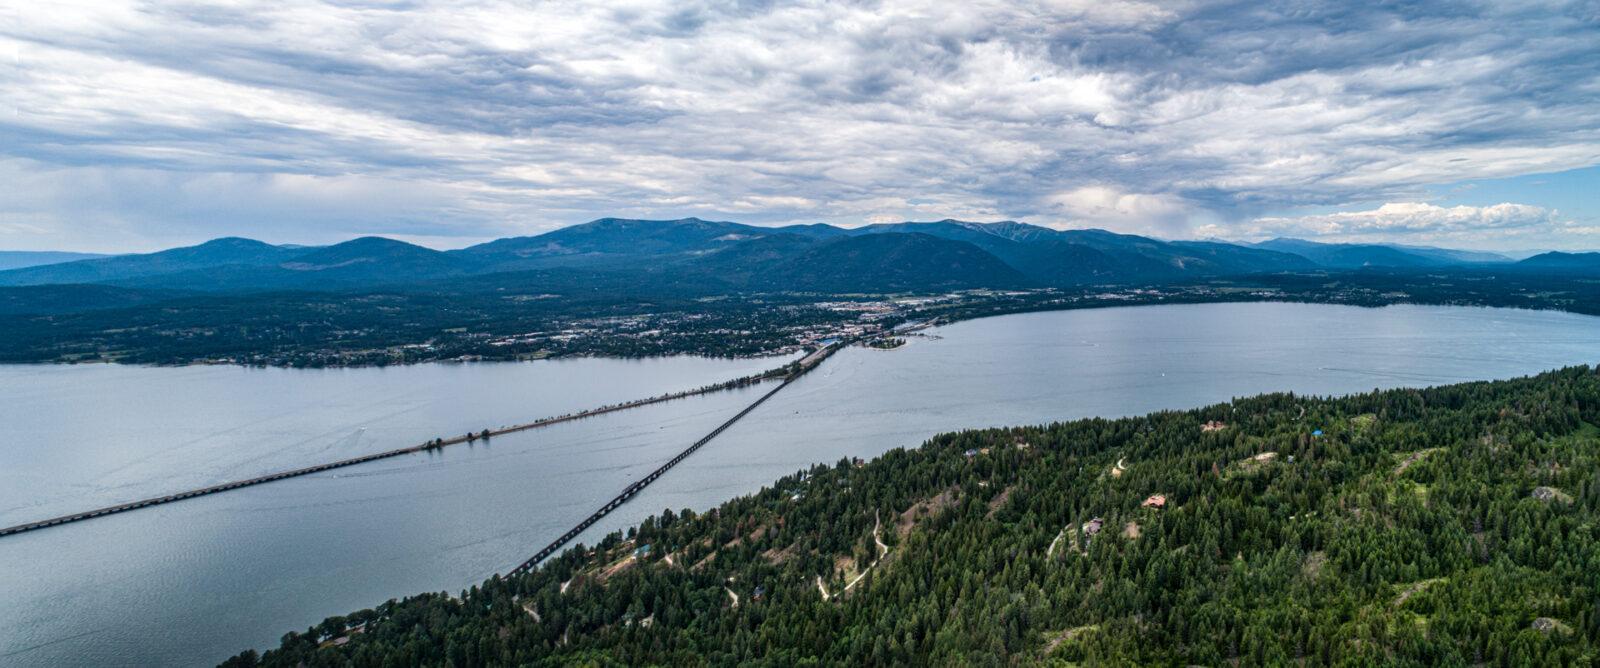 Sandpoint Bridges Aerial